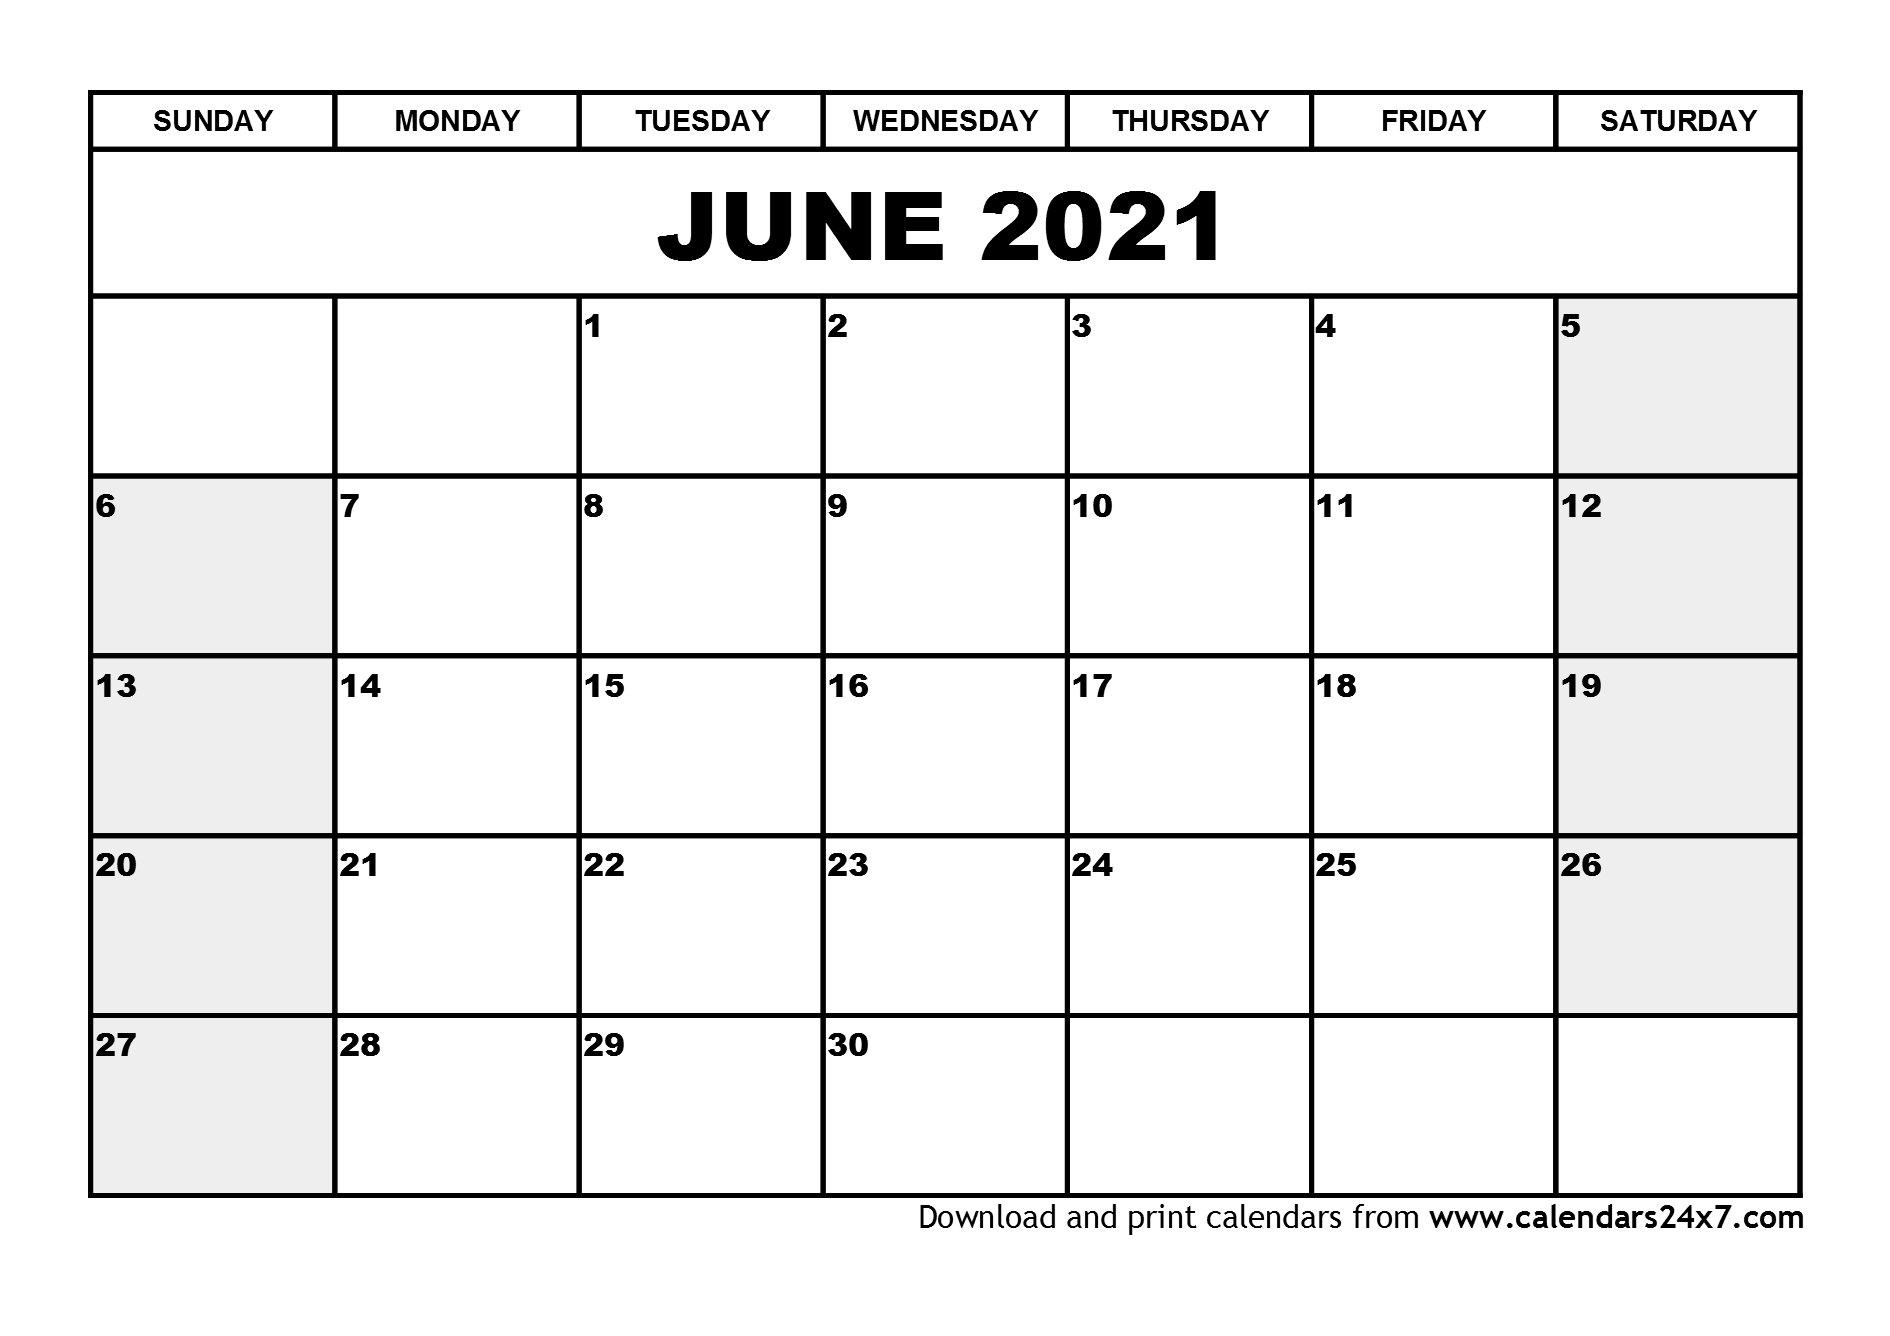 June 2021 Calendar & July 2021 Calendar